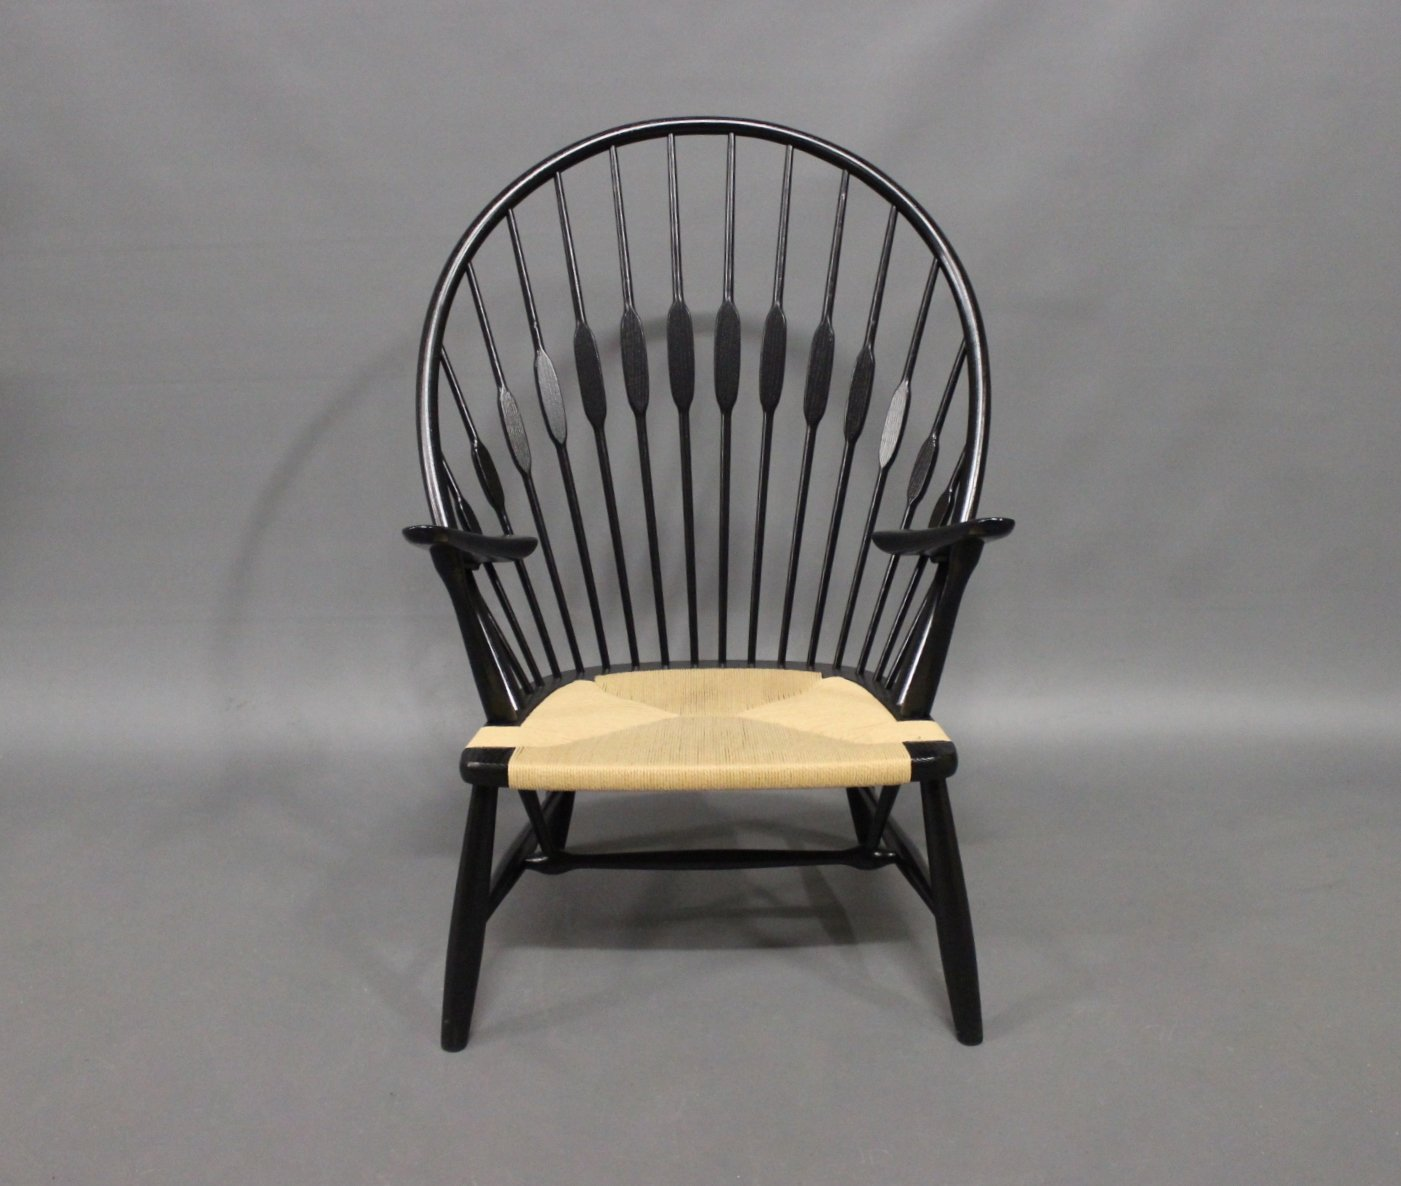 vintage peacock chair swing flipkart by hans j wegner 1980s for sale at